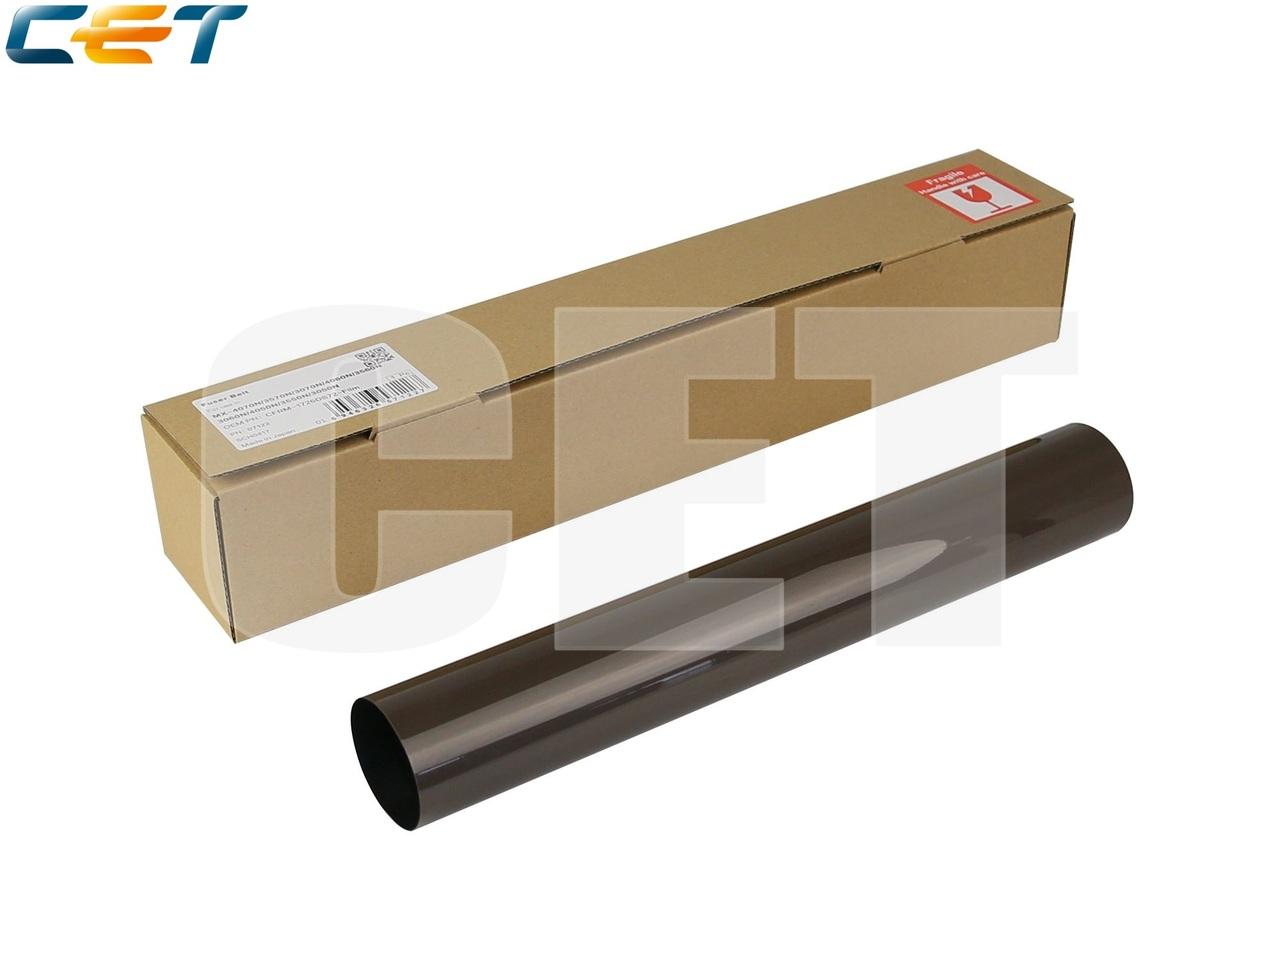 Термопленка для SHARPMX-3050N/3070N/3550N/3570N/4050N/4070N (CET), CET7122